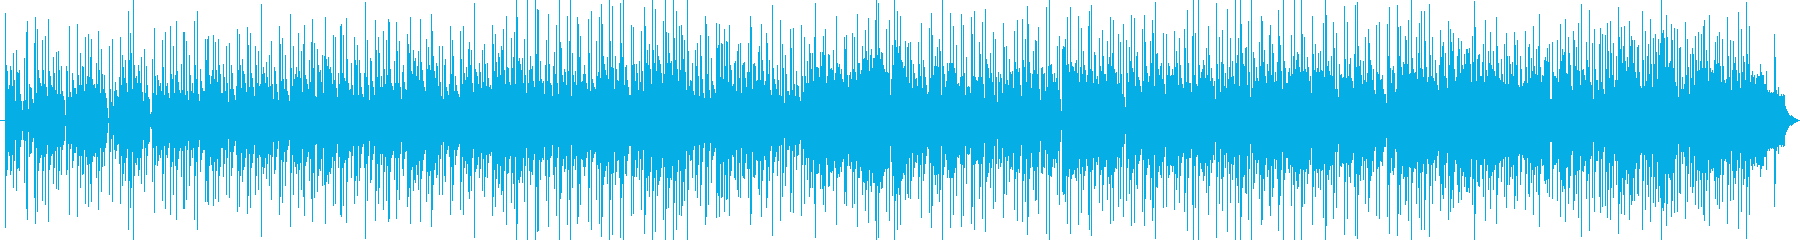 さわやかなインストのボサノバの再生済みの波形